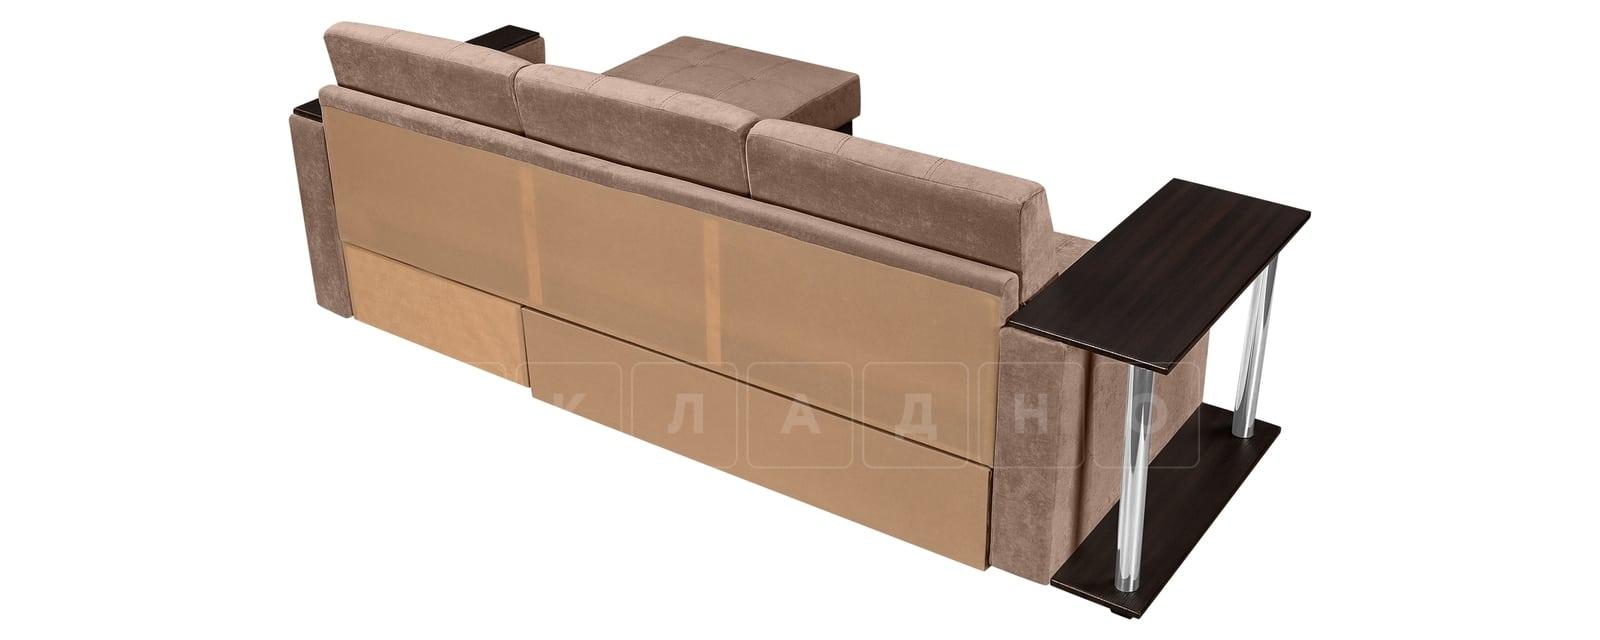 Угловой диван Атланта вельвет светло-коричневый фото 3 | интернет-магазин Складно